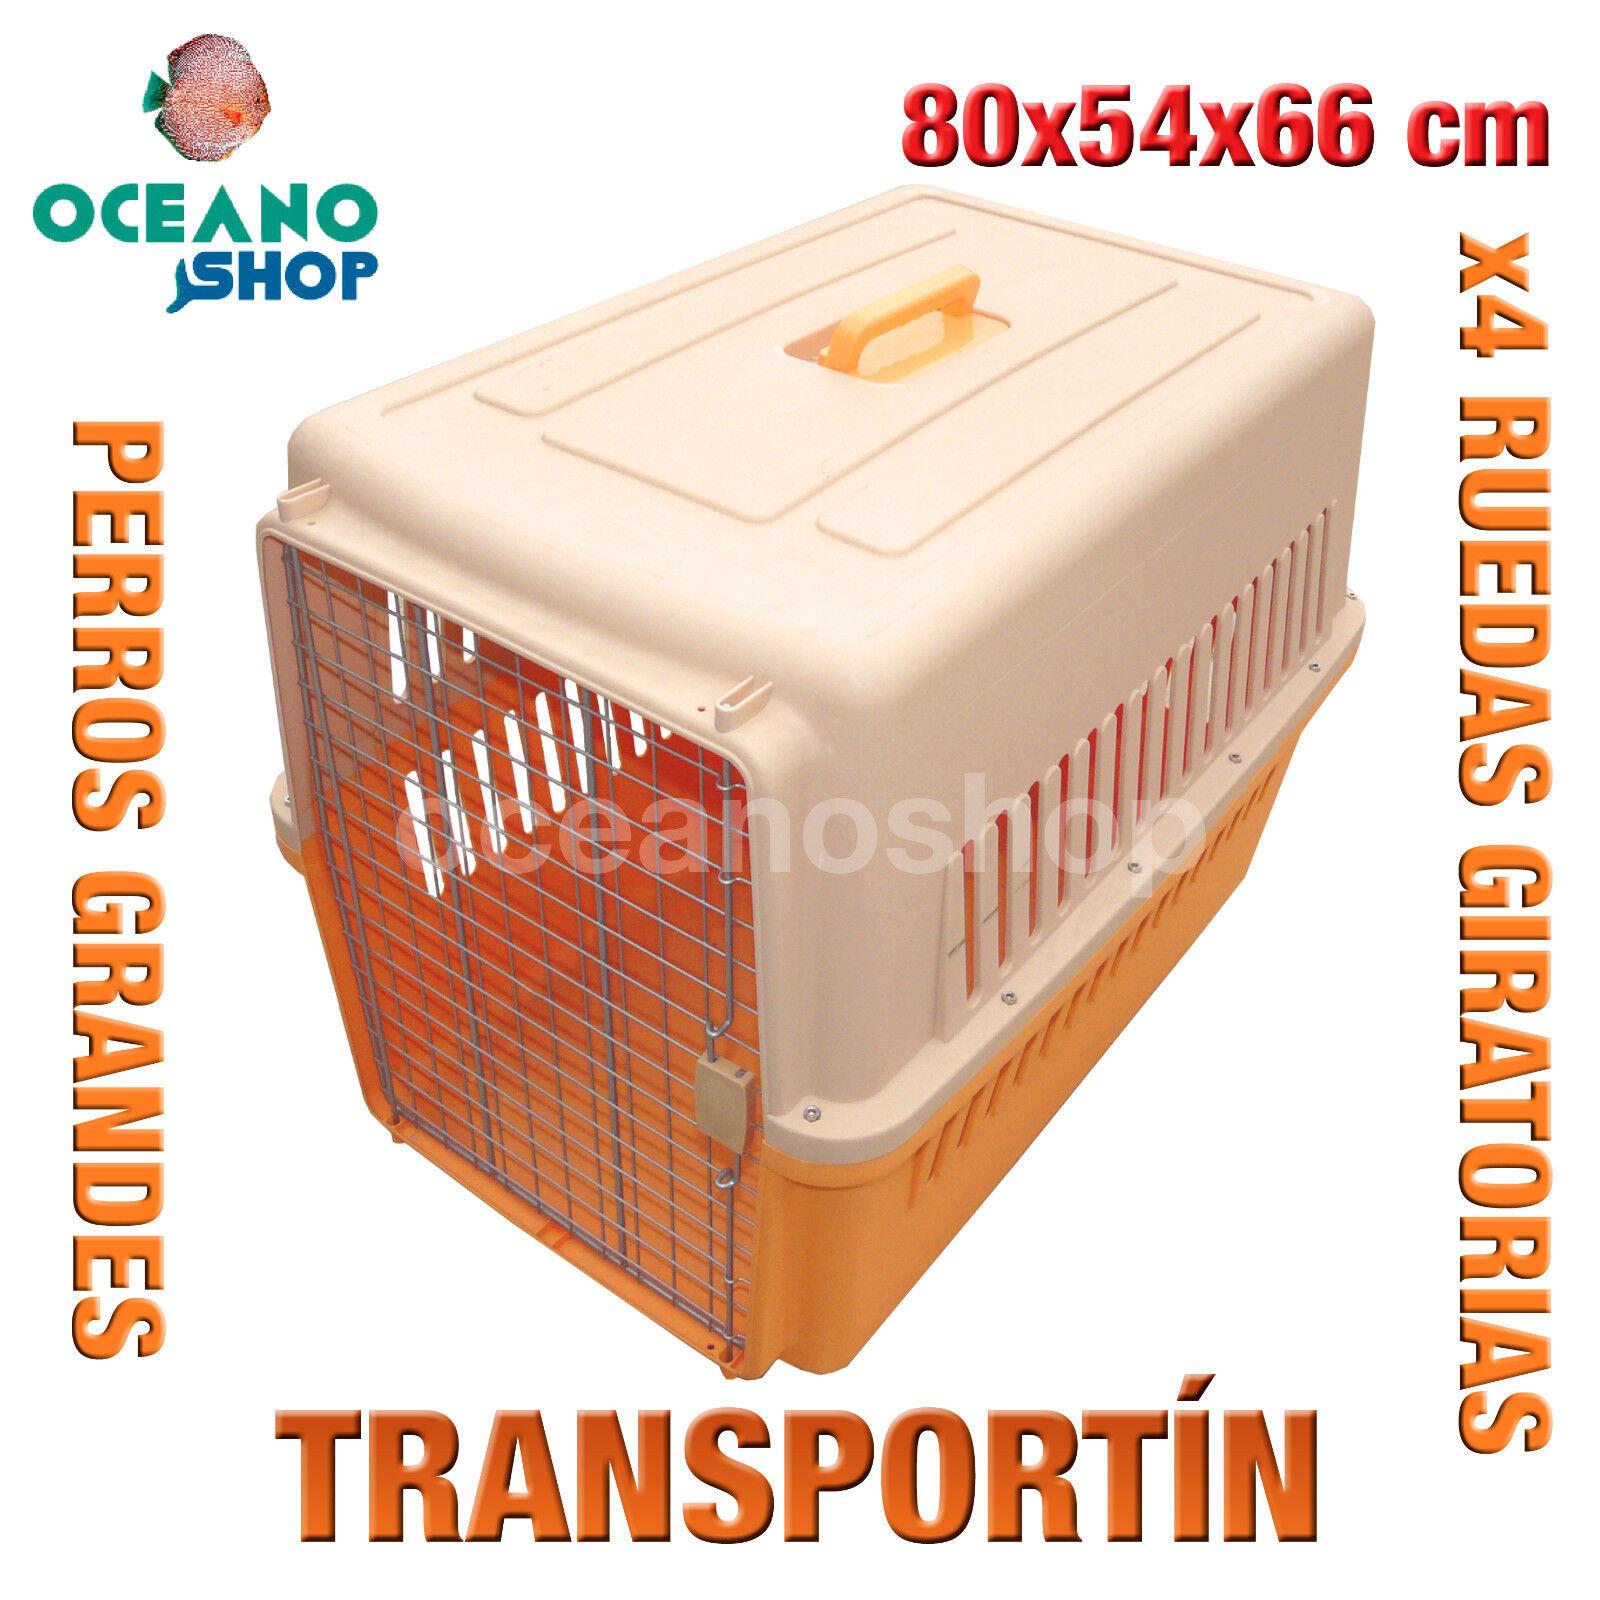 TRANSPORTIN PERROS GRAN TAMAÑO RUEDAS Y CIERRE SEGURIDAD 80x54x66 cm D528 0153